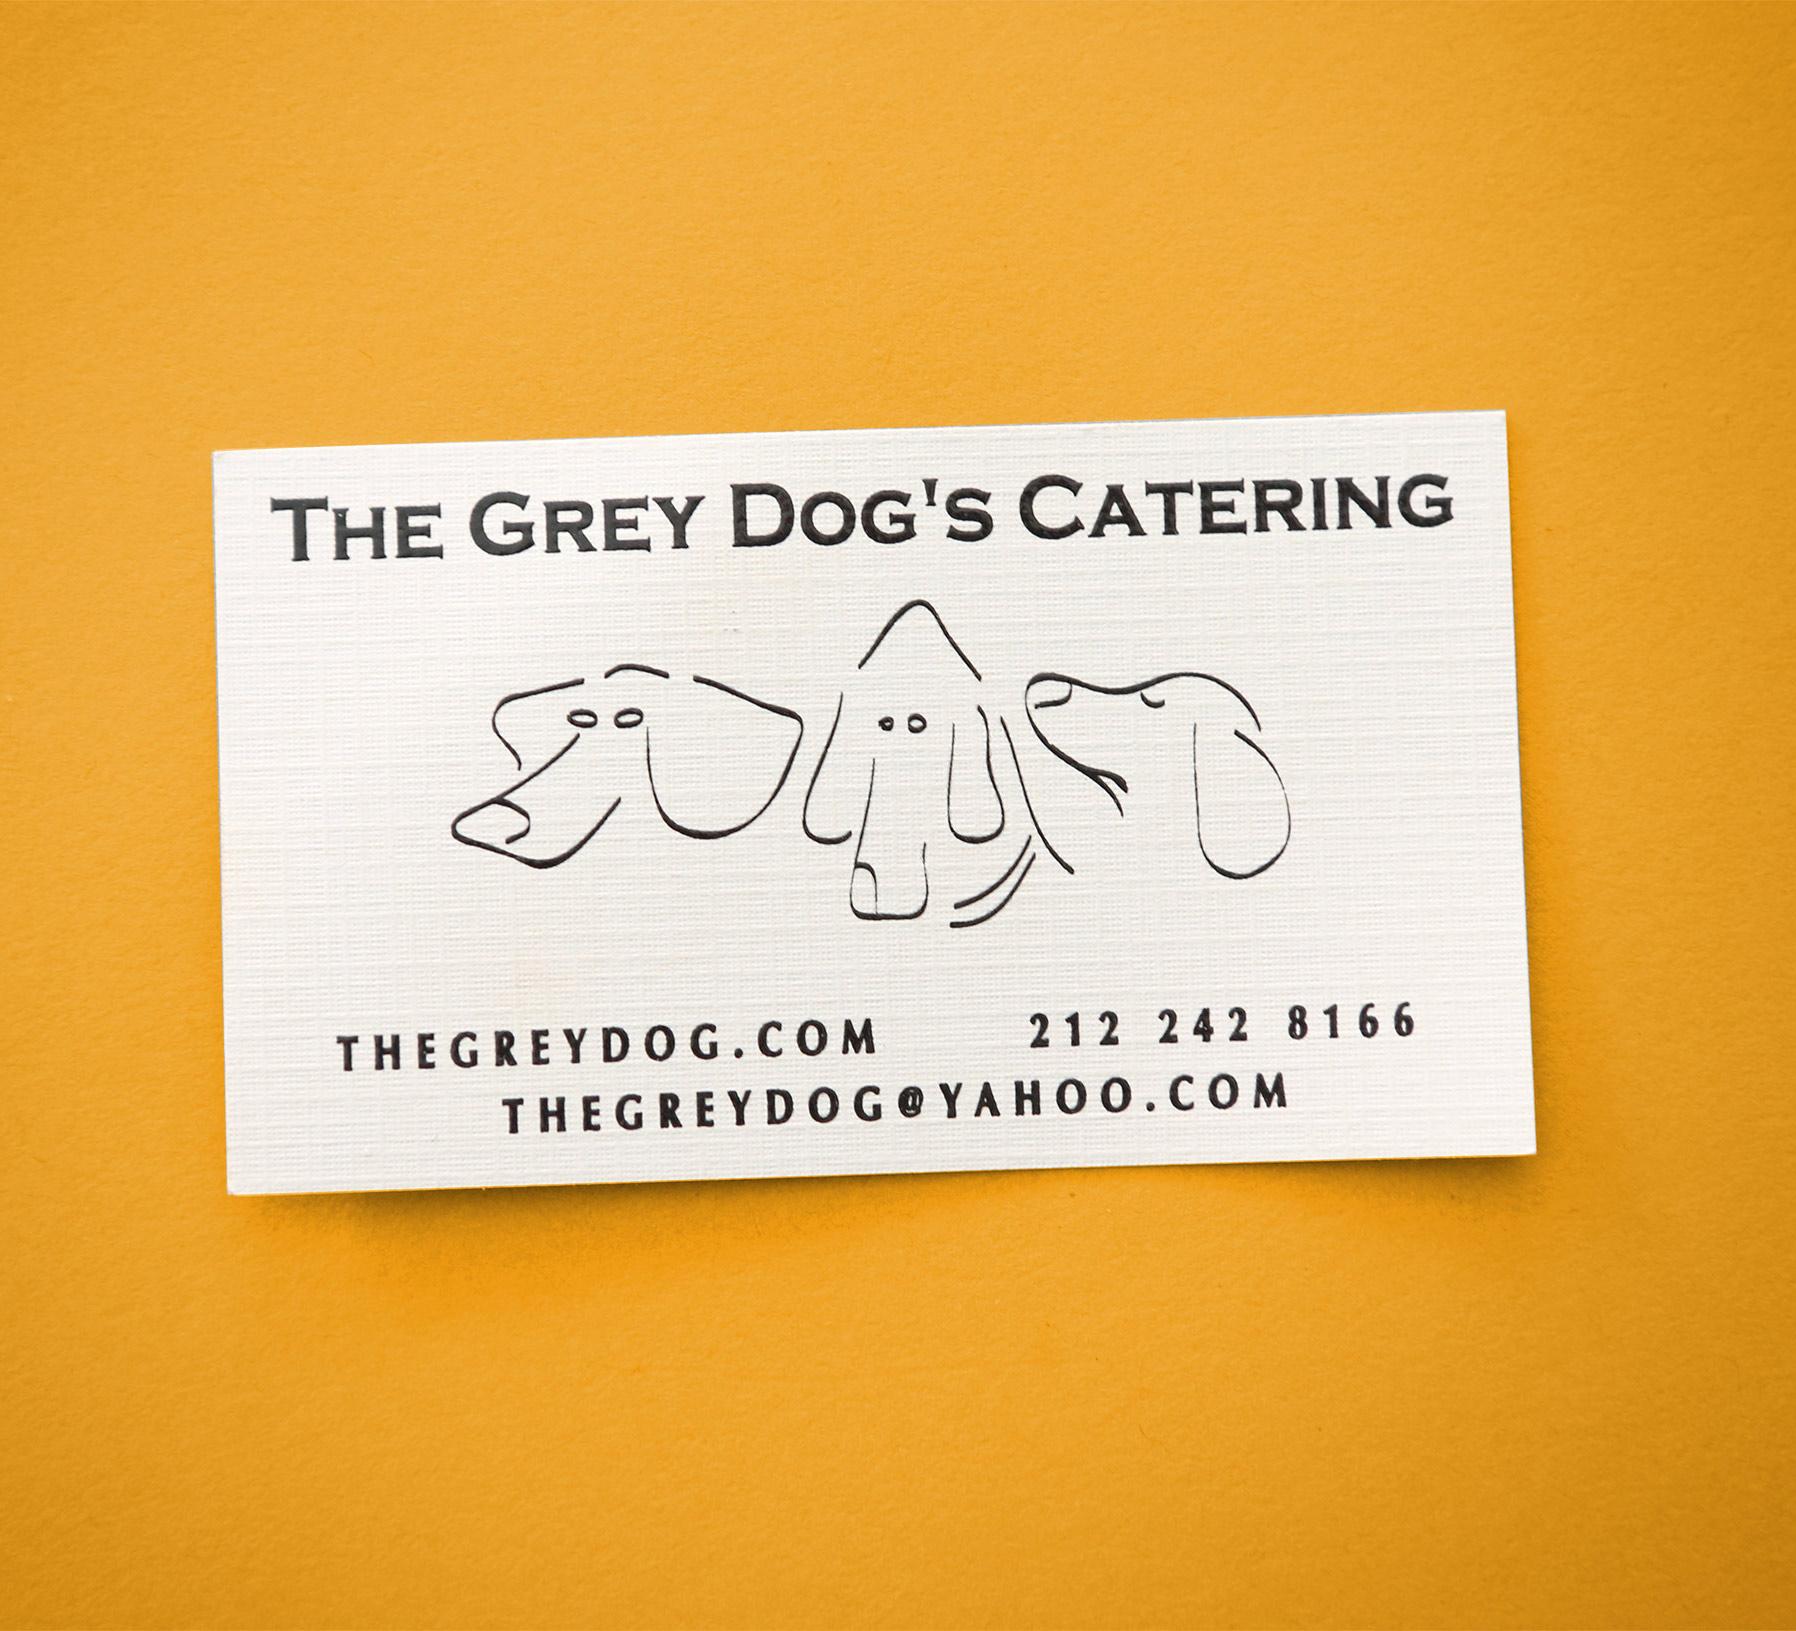 greydogcateringcard